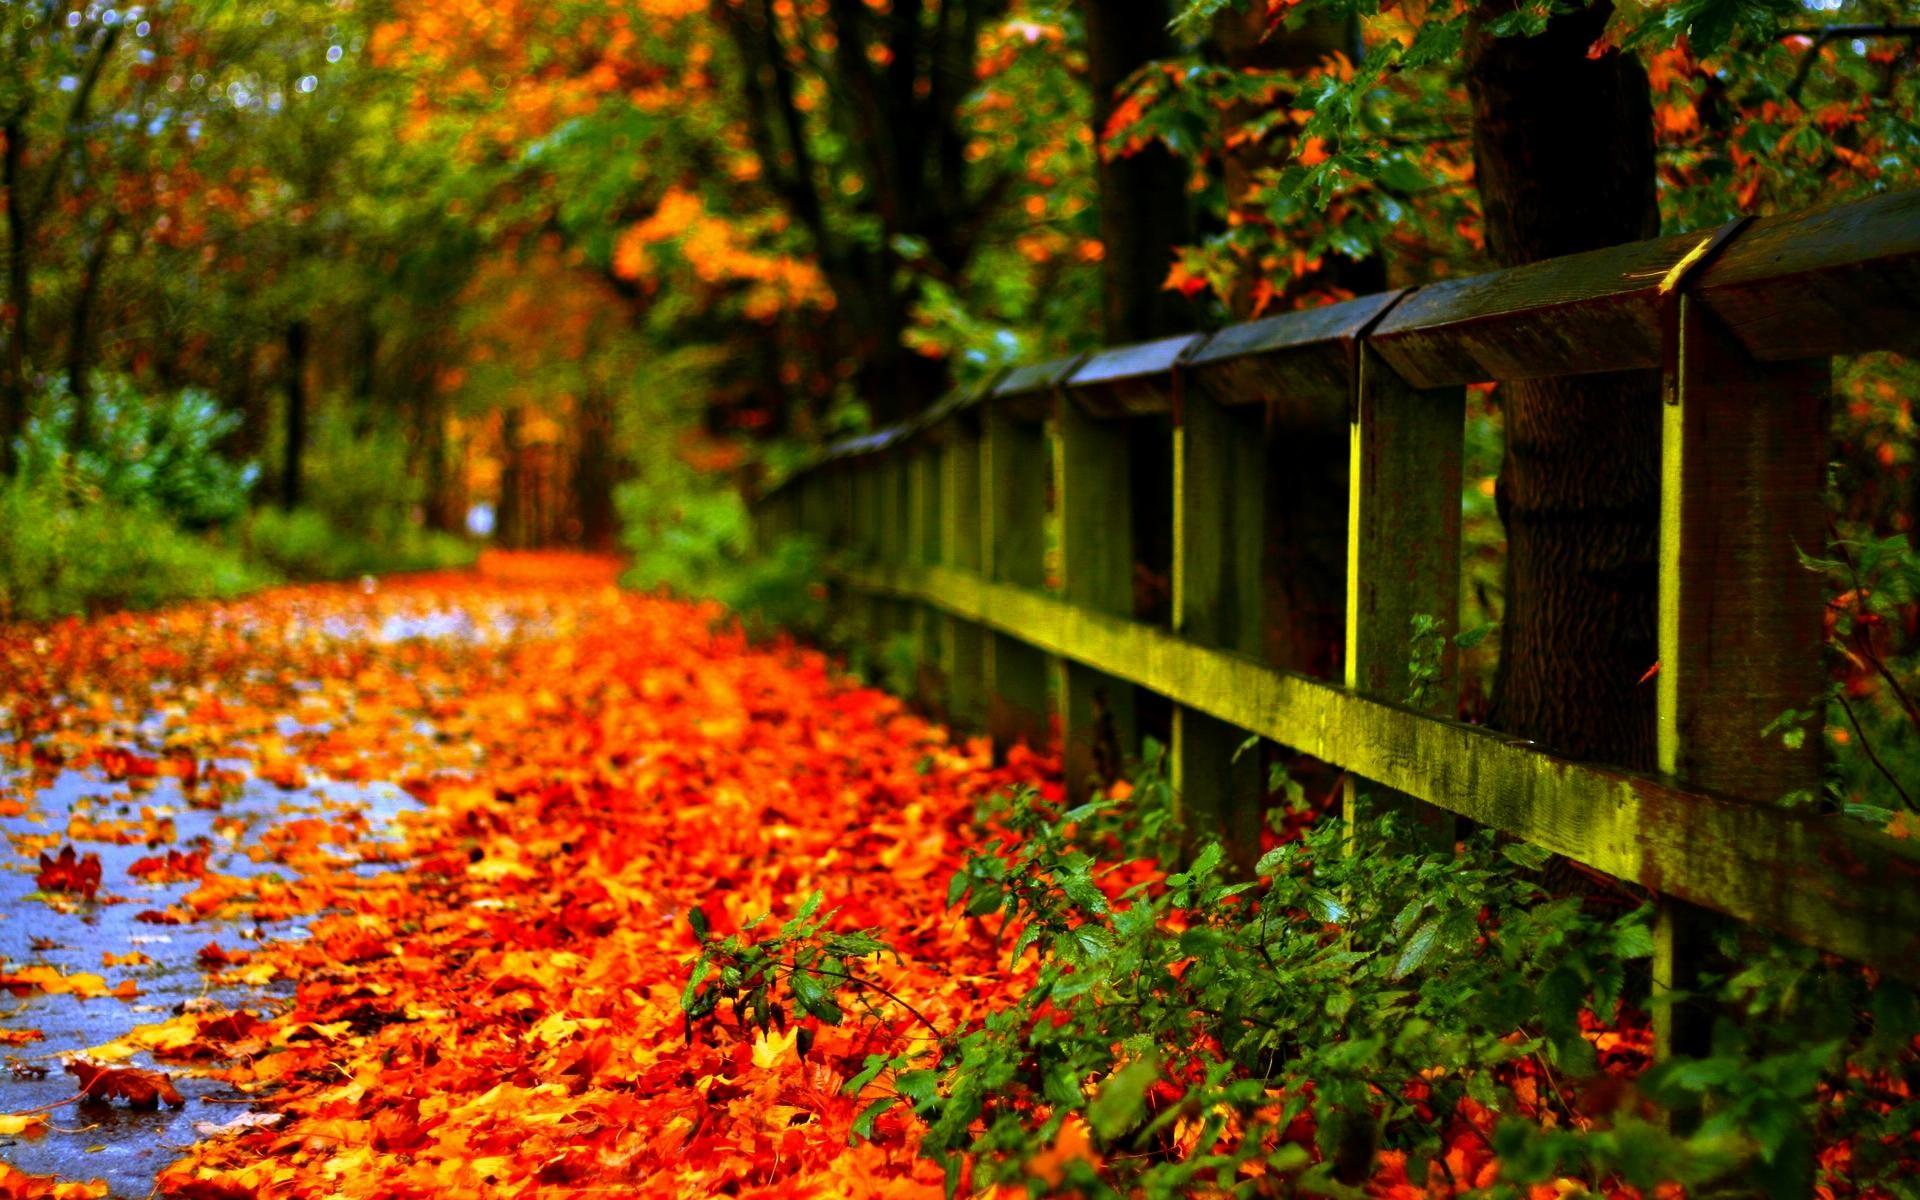 wallpaper.wiki-Fall-Foliage-Background-HD-PIC-WPE008816